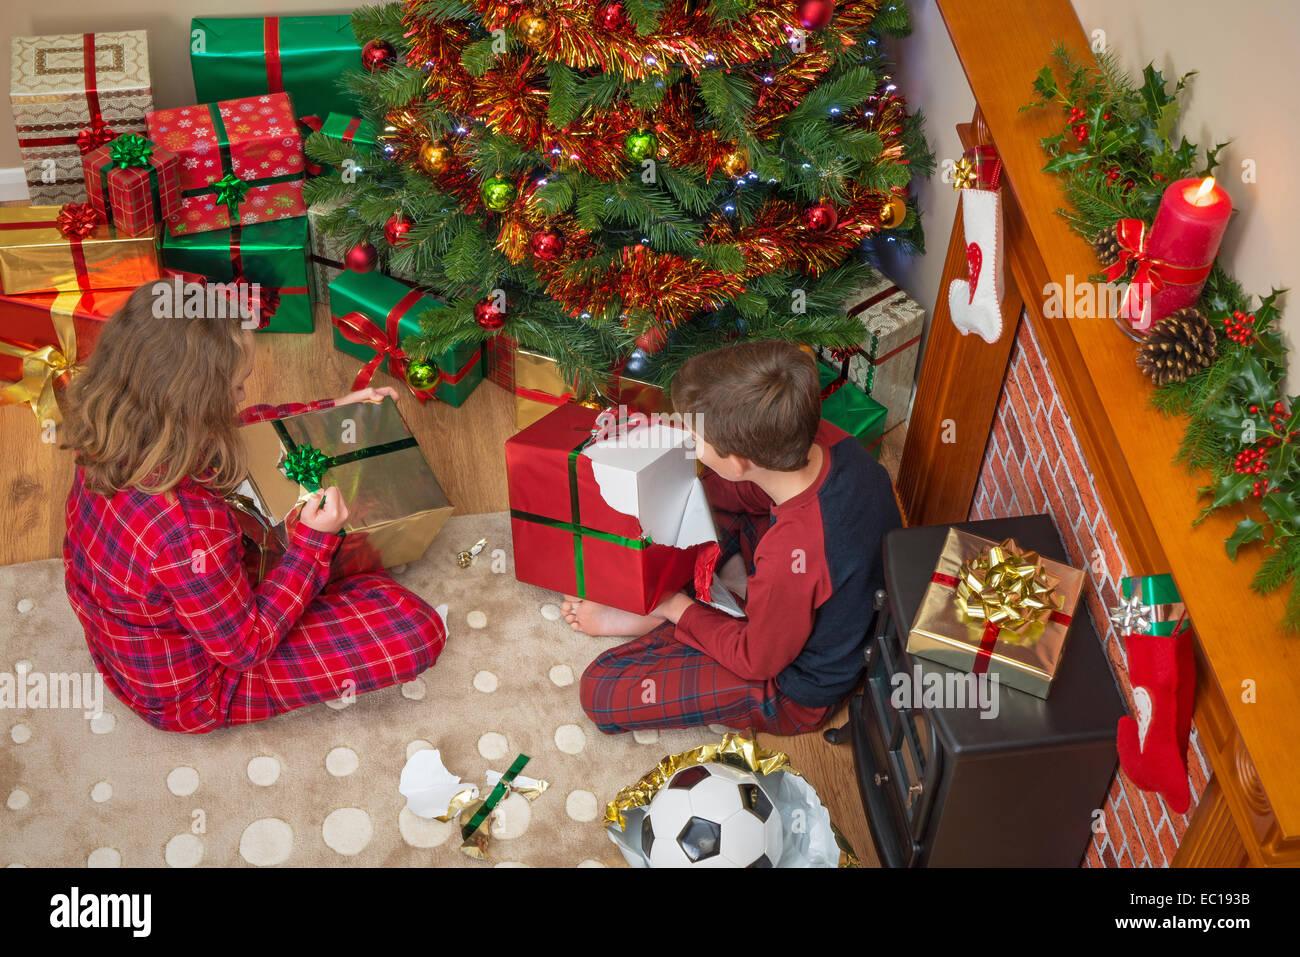 Fotografía aérea de niños, un chico y una chica, sentados por el árbol desenvolver sus regalos Imagen De Stock